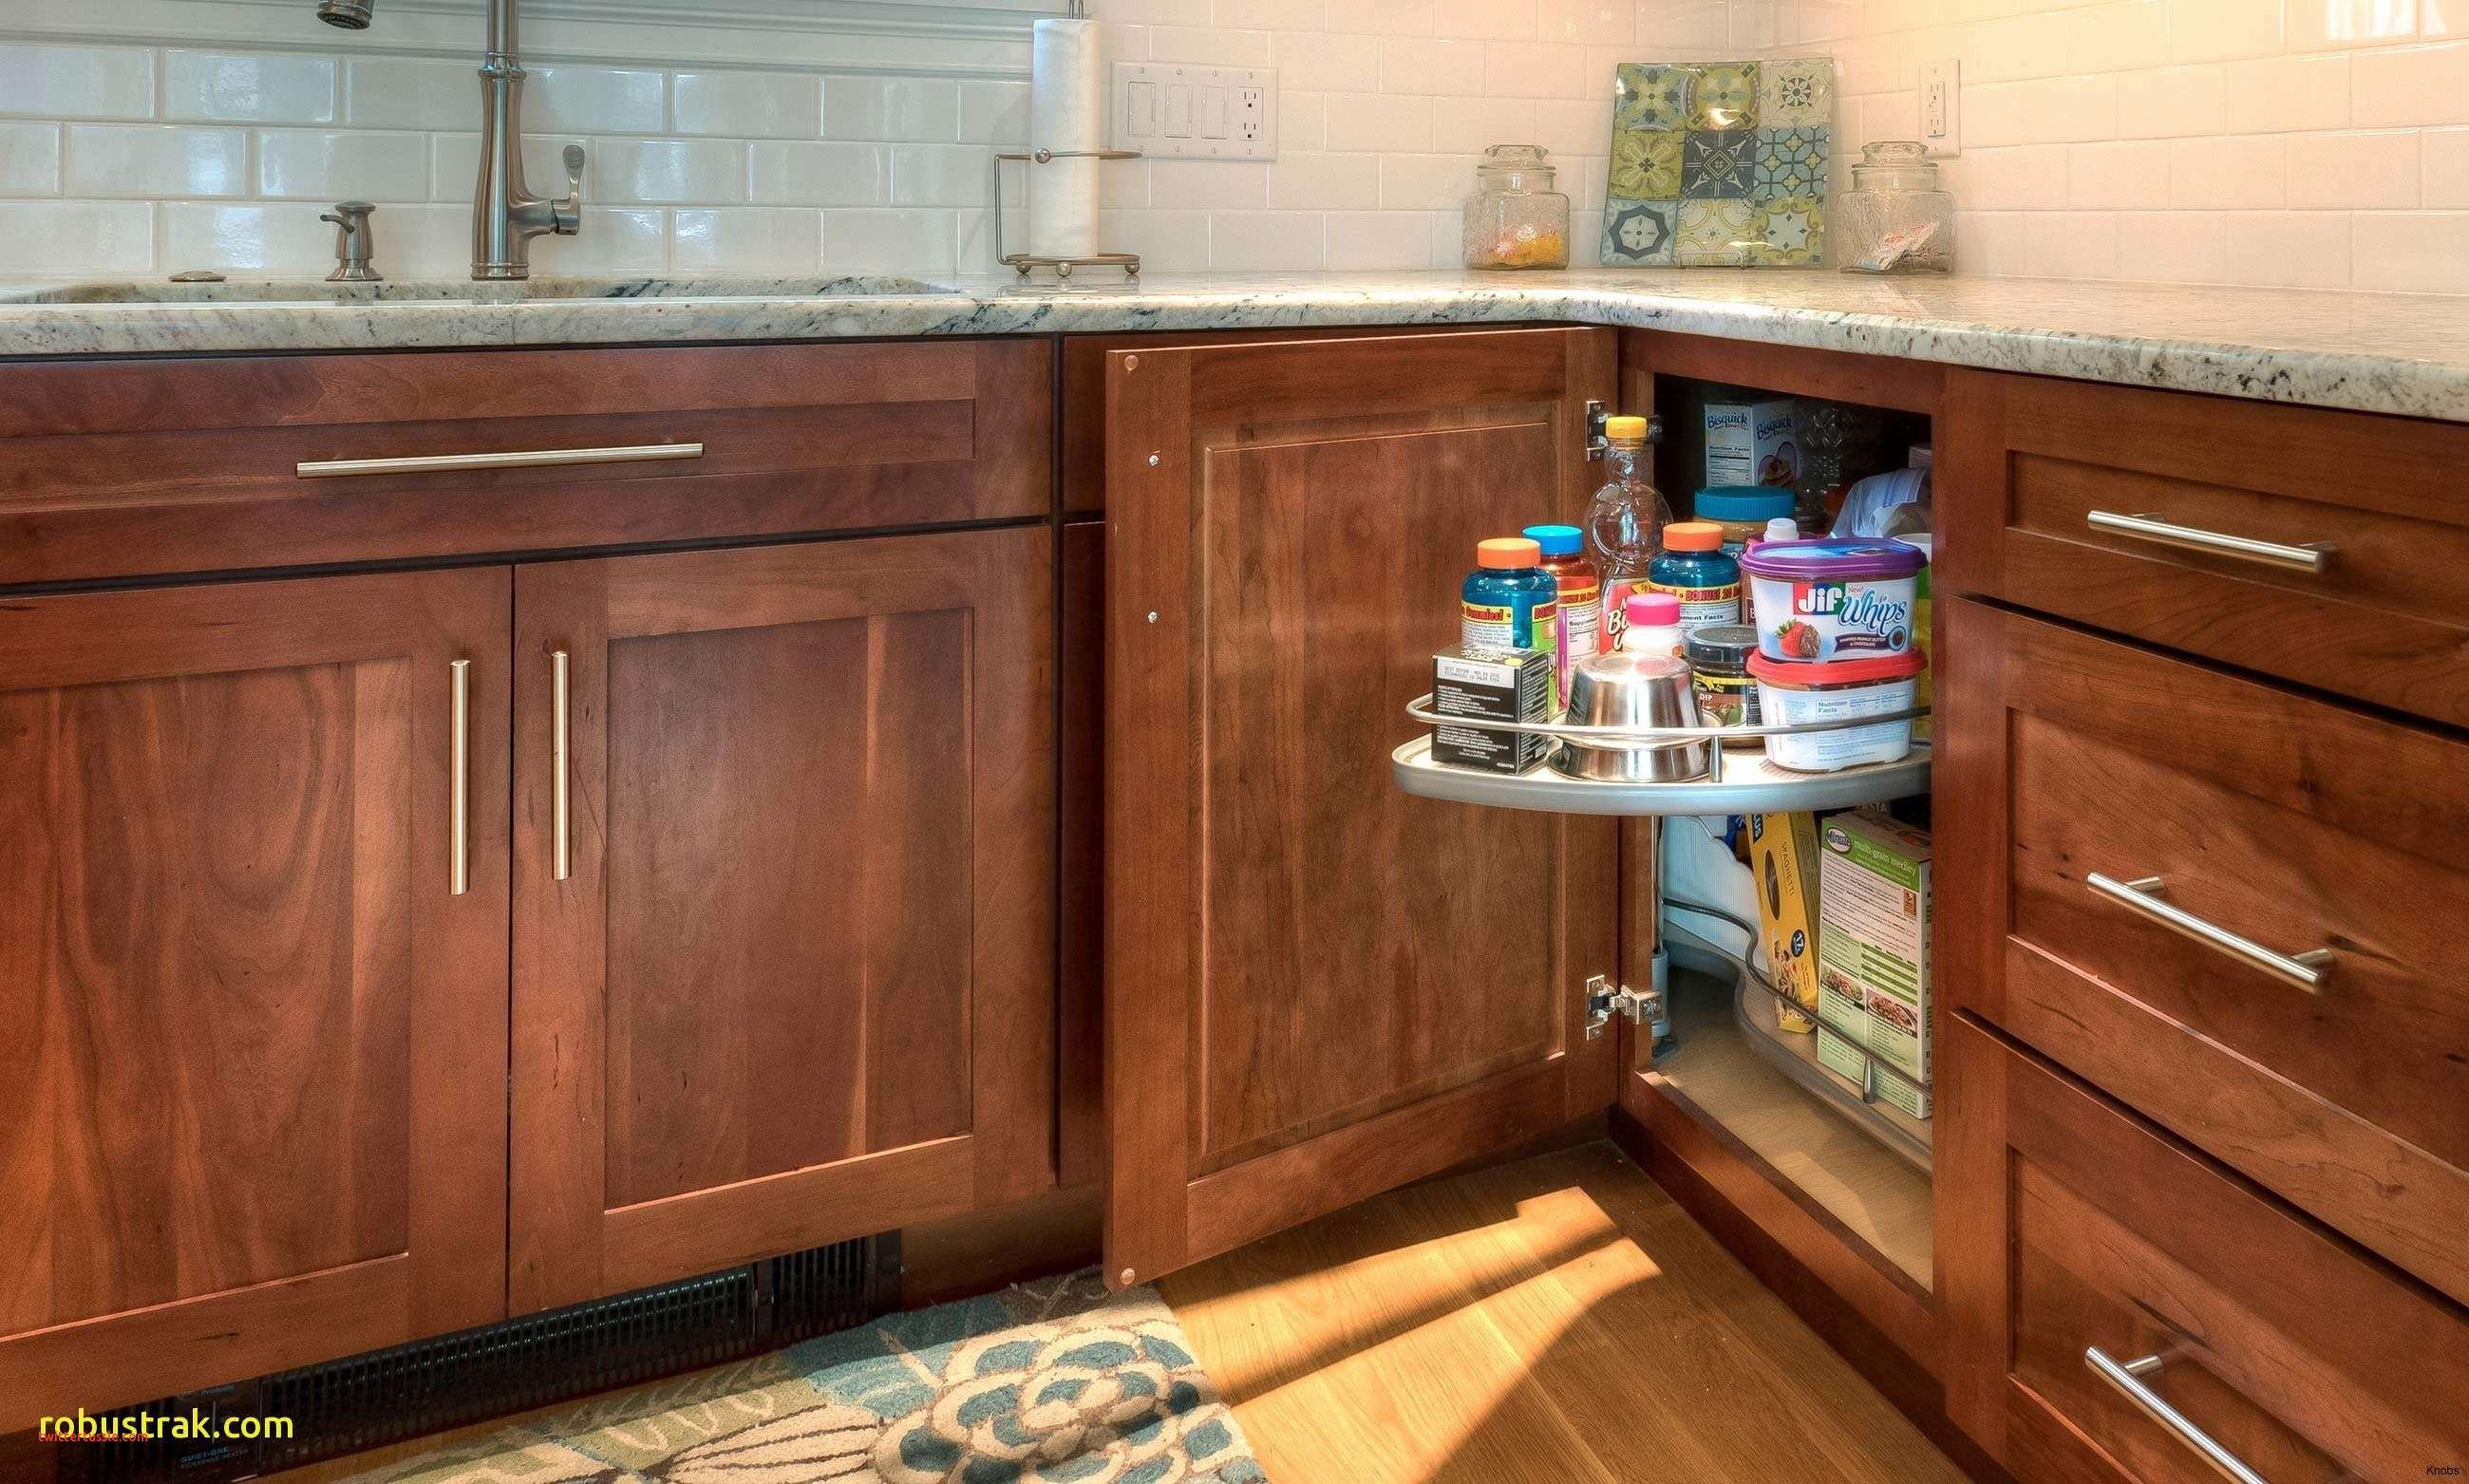 Aktualisierung cabinet hardware - Cabinet Hardware Kommt Vorne in ...